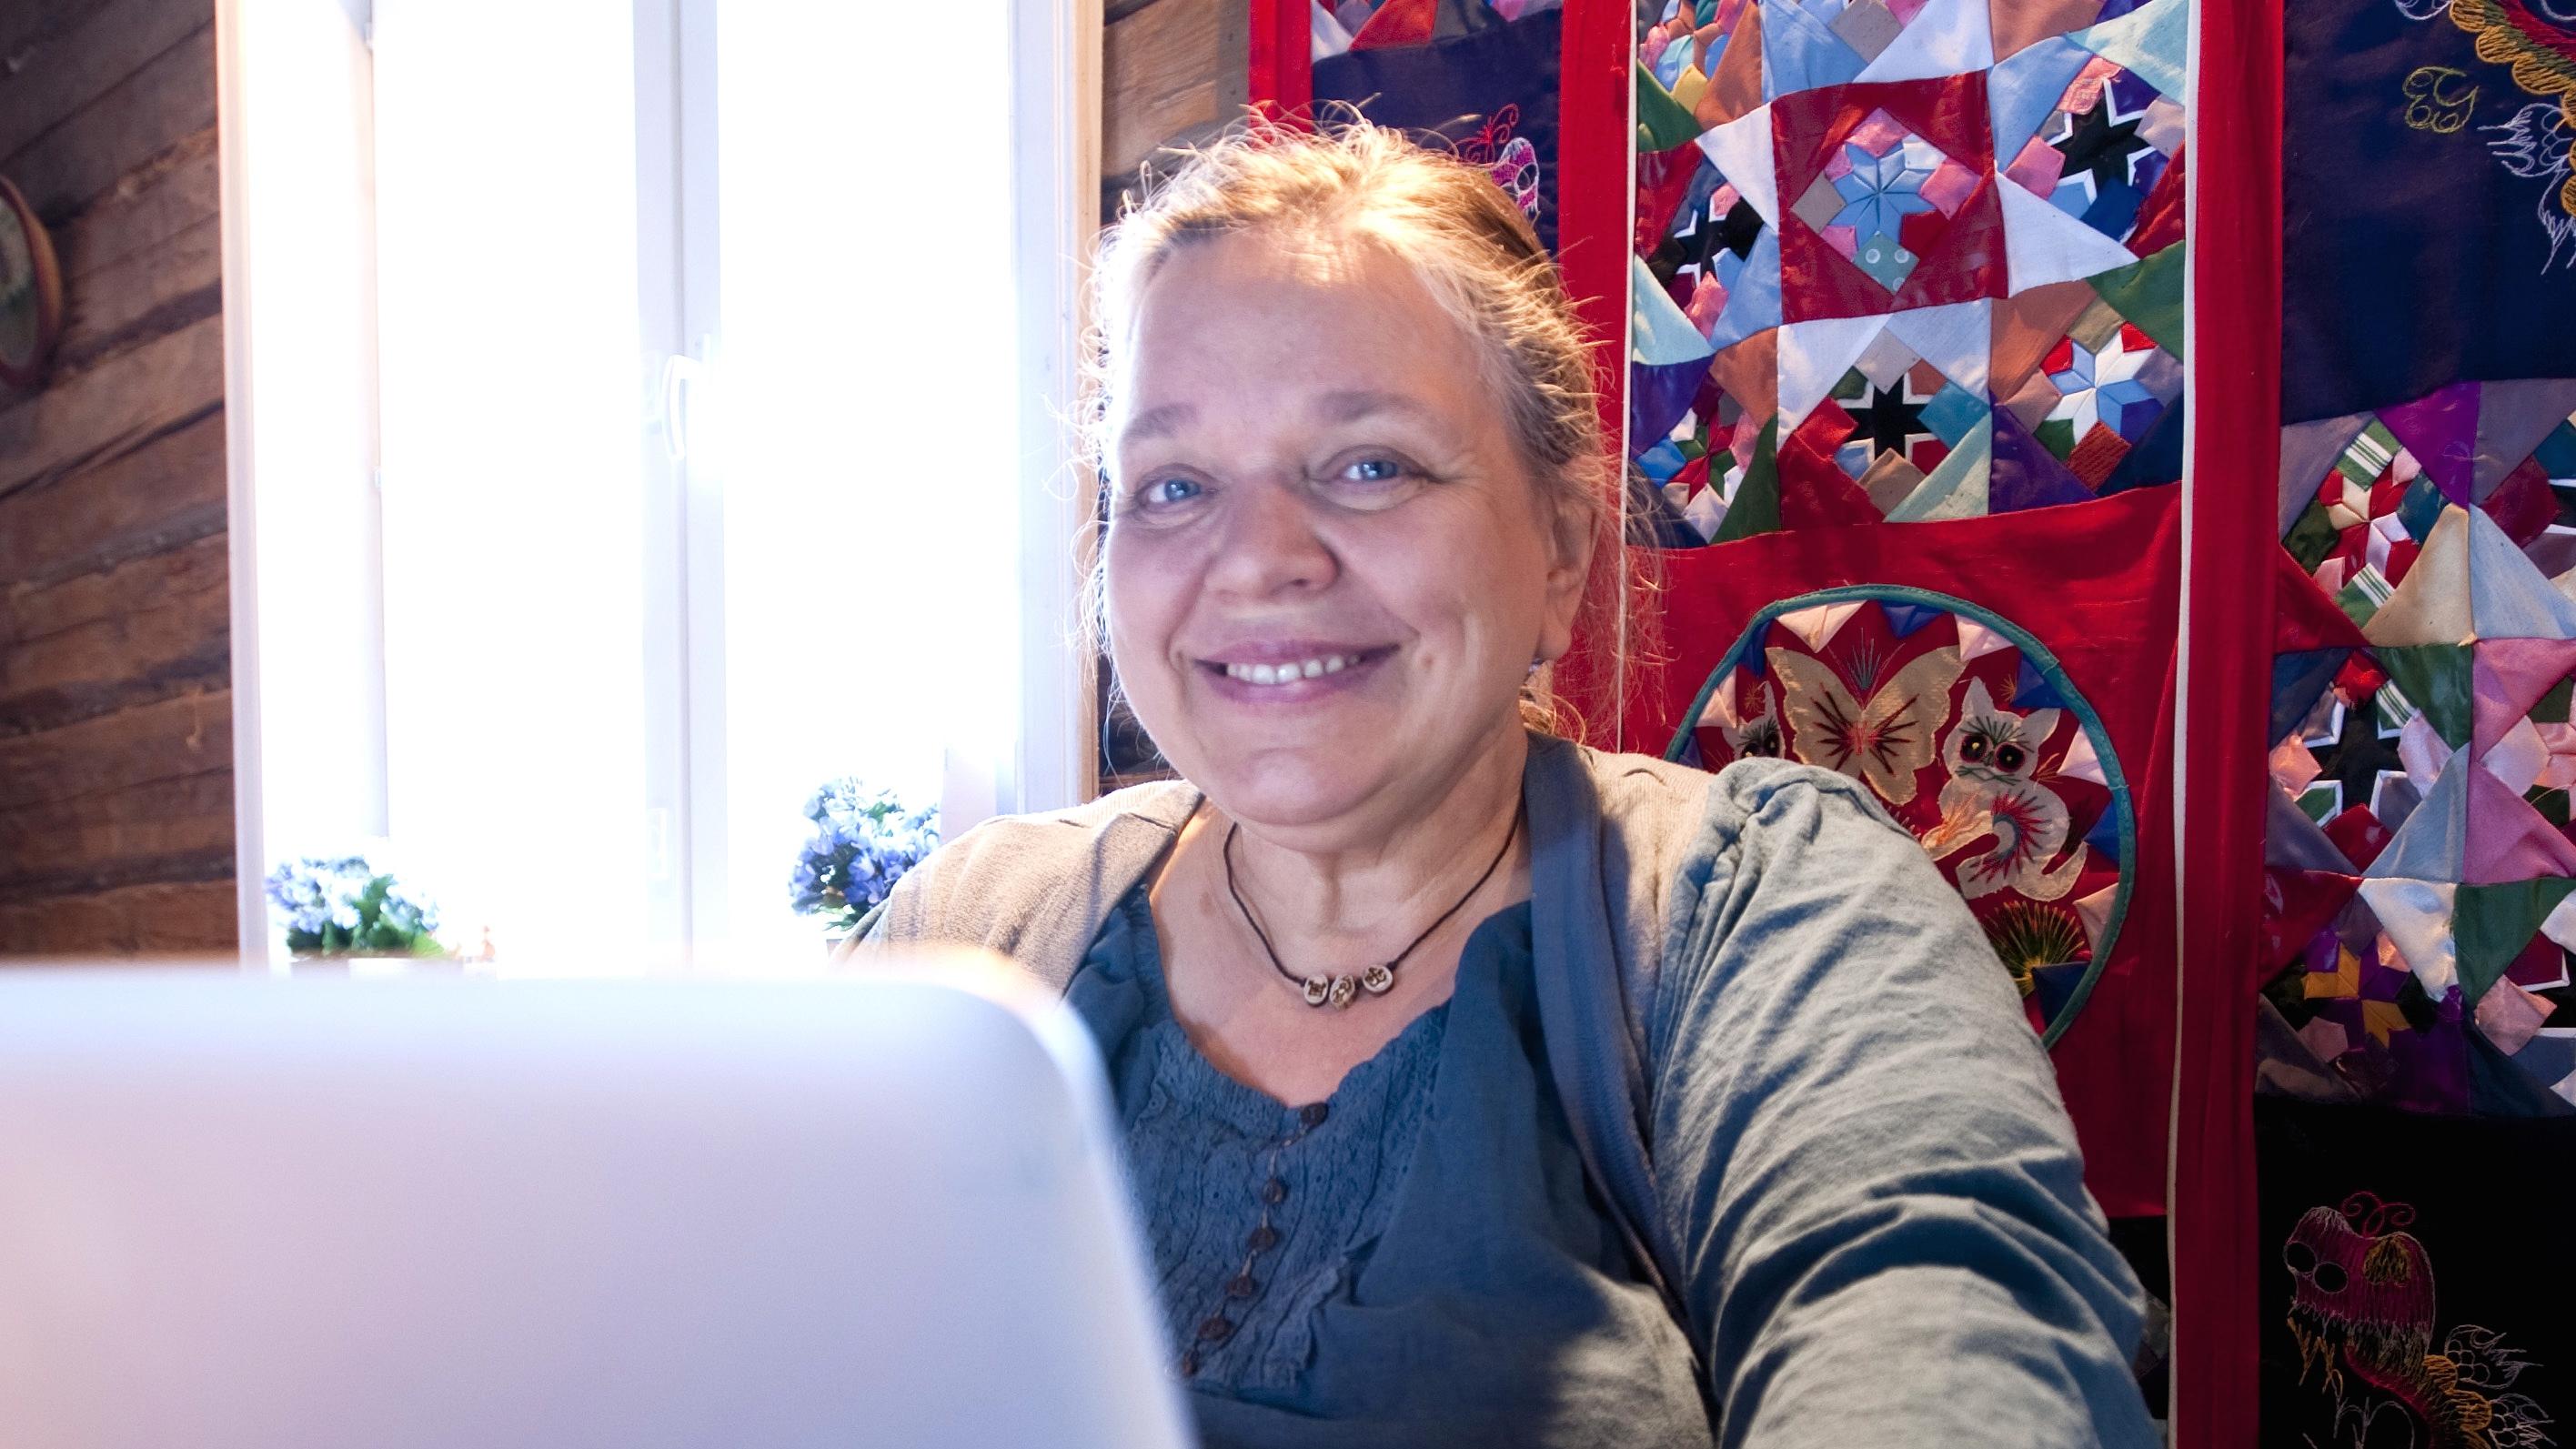 Kirsti Manninen on kirjailijanimeltään Enni Mustonen. Hän on kirjoittanut toista sataa romaania ja käsikirjoittanut tv-tuotantoja, muun muassa Kotikatua.